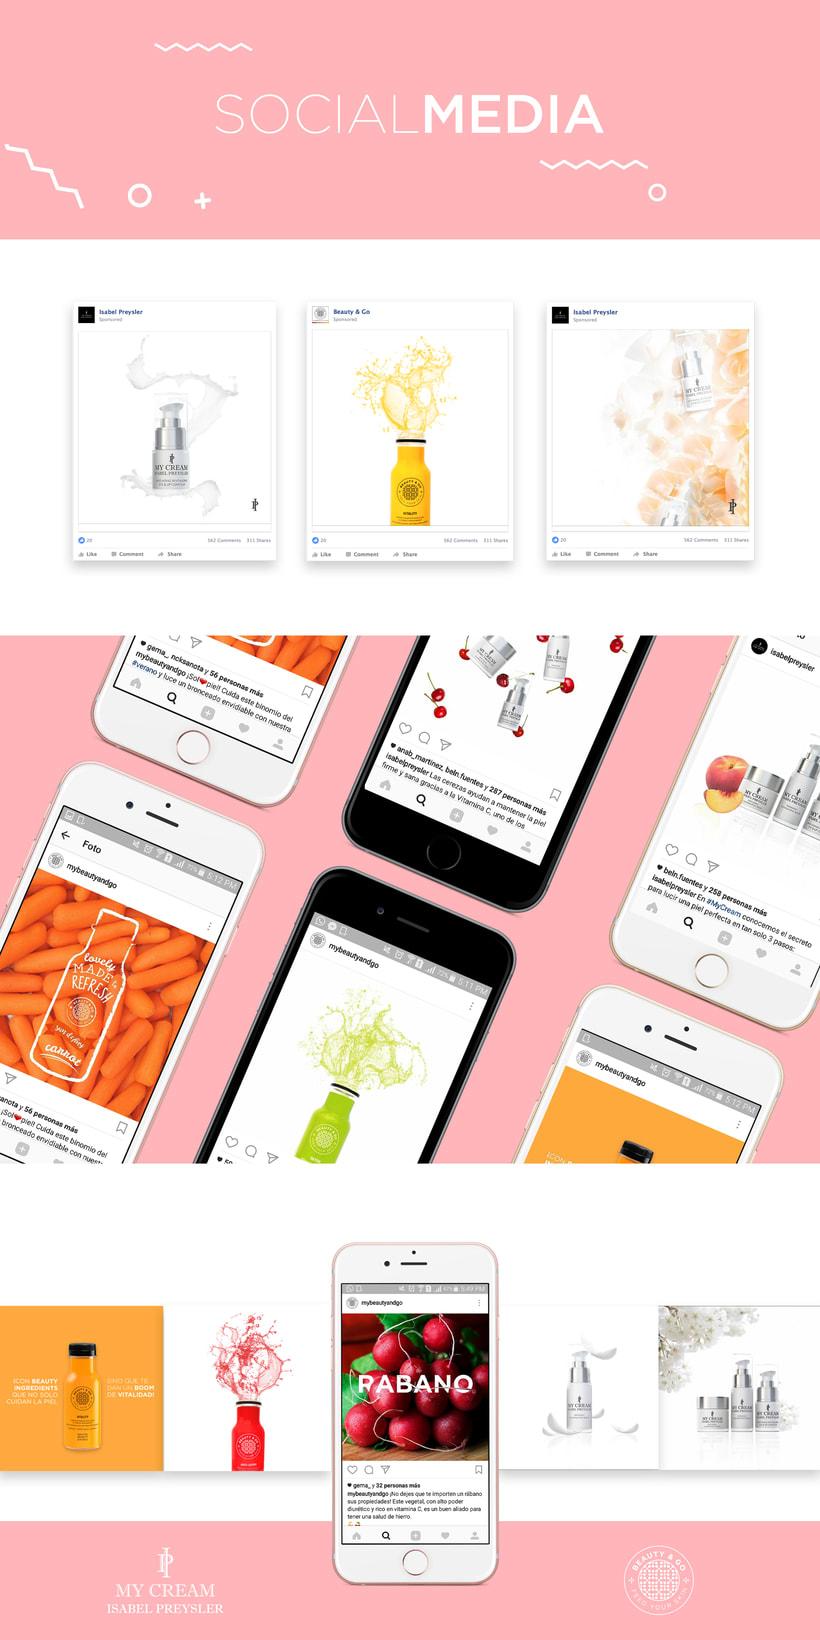 Social Media - Beauty & Go - My Cream Isabel Preysler  -1